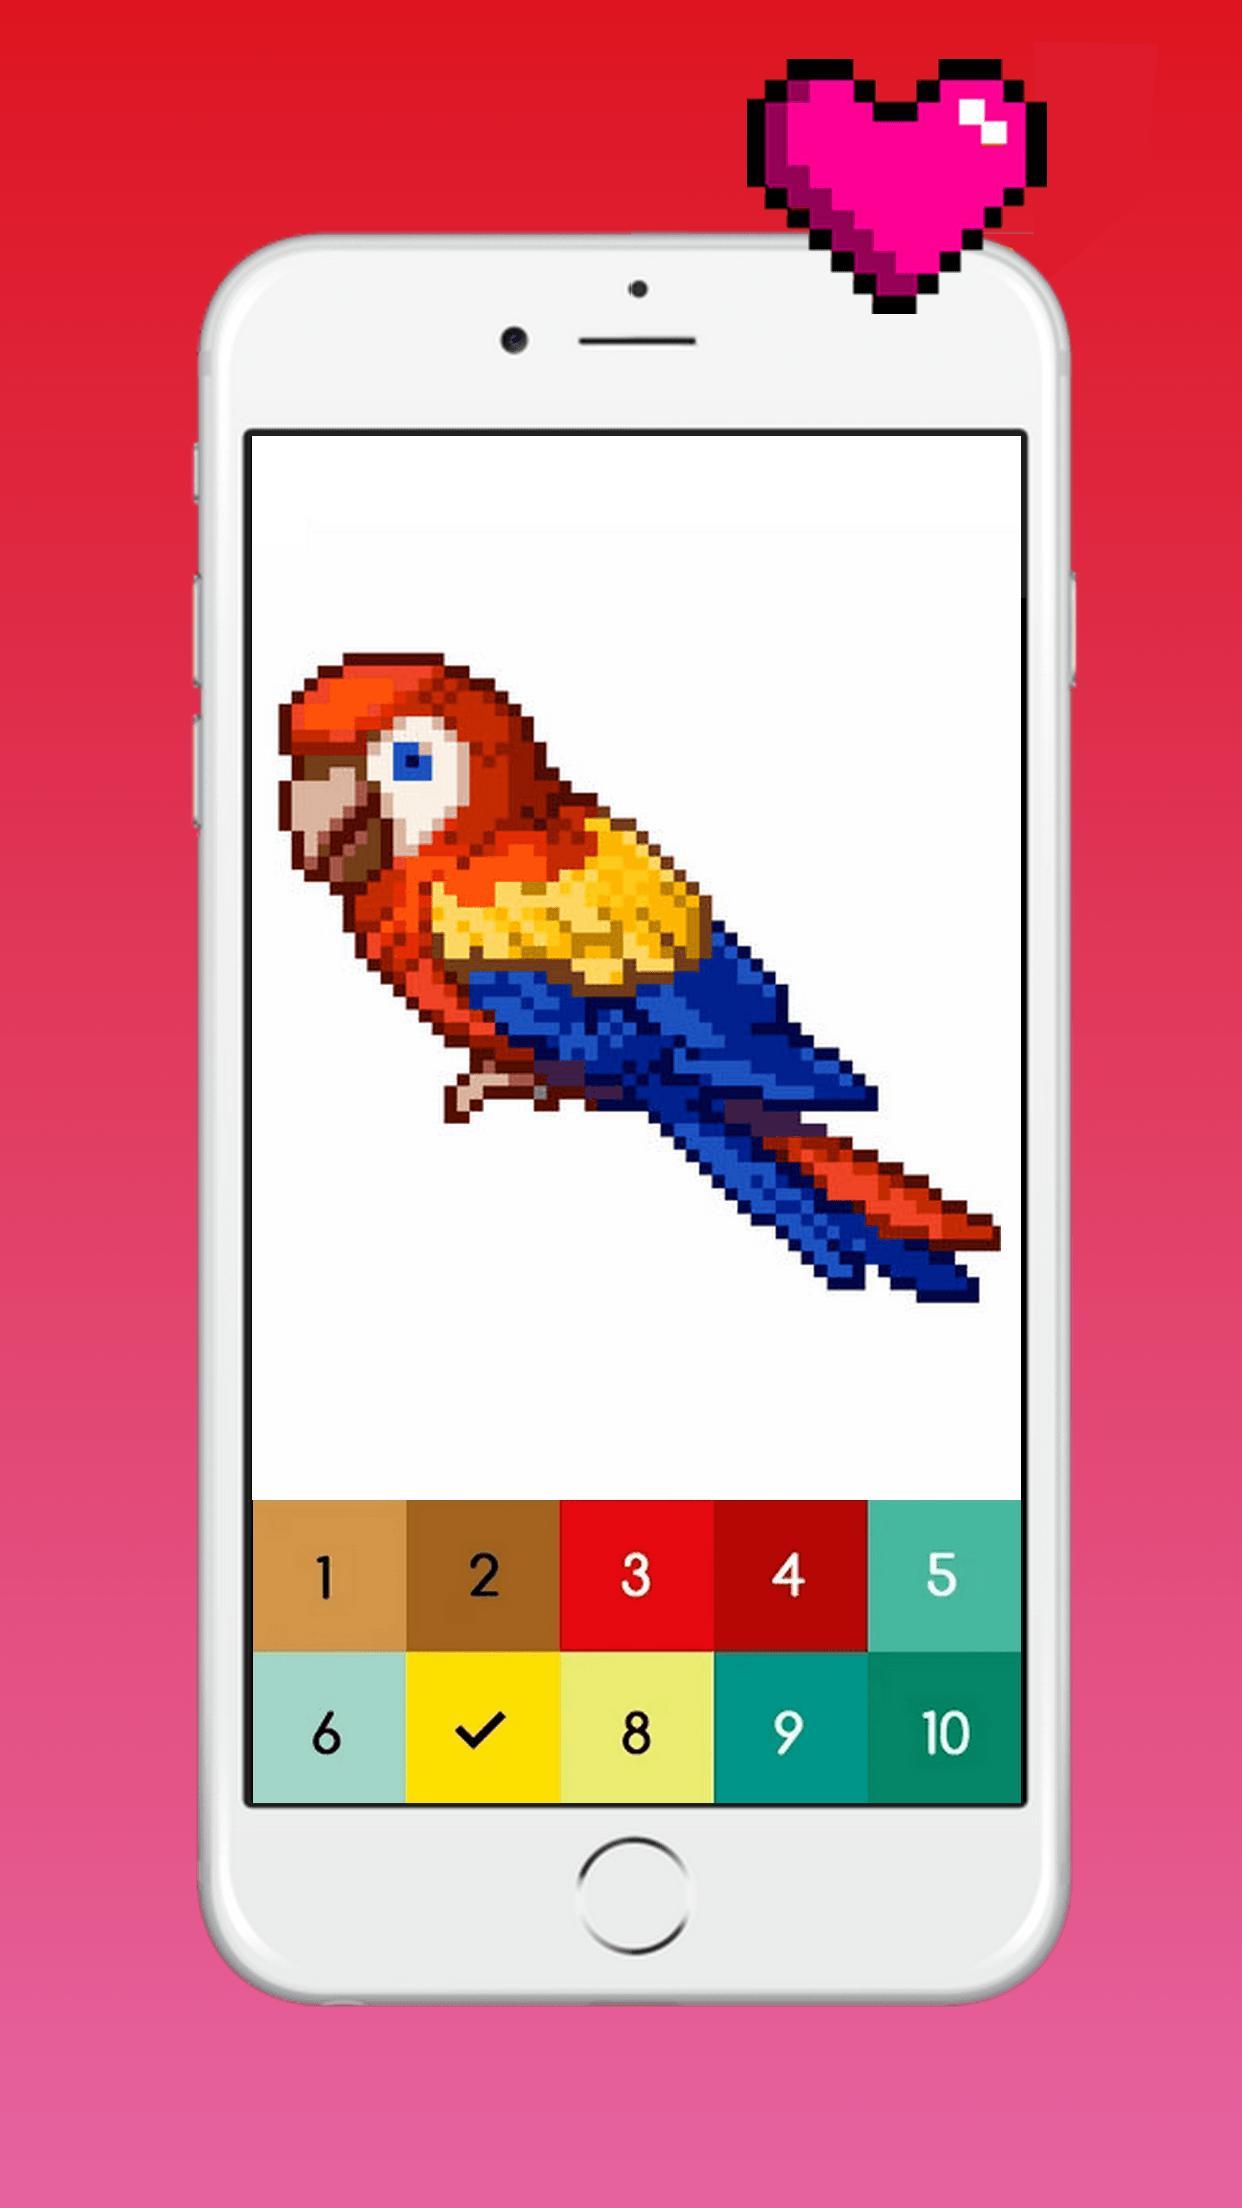 Android Için Pixi Color : Pixel Art Coloring Book By Number pour Pixel A Colorier